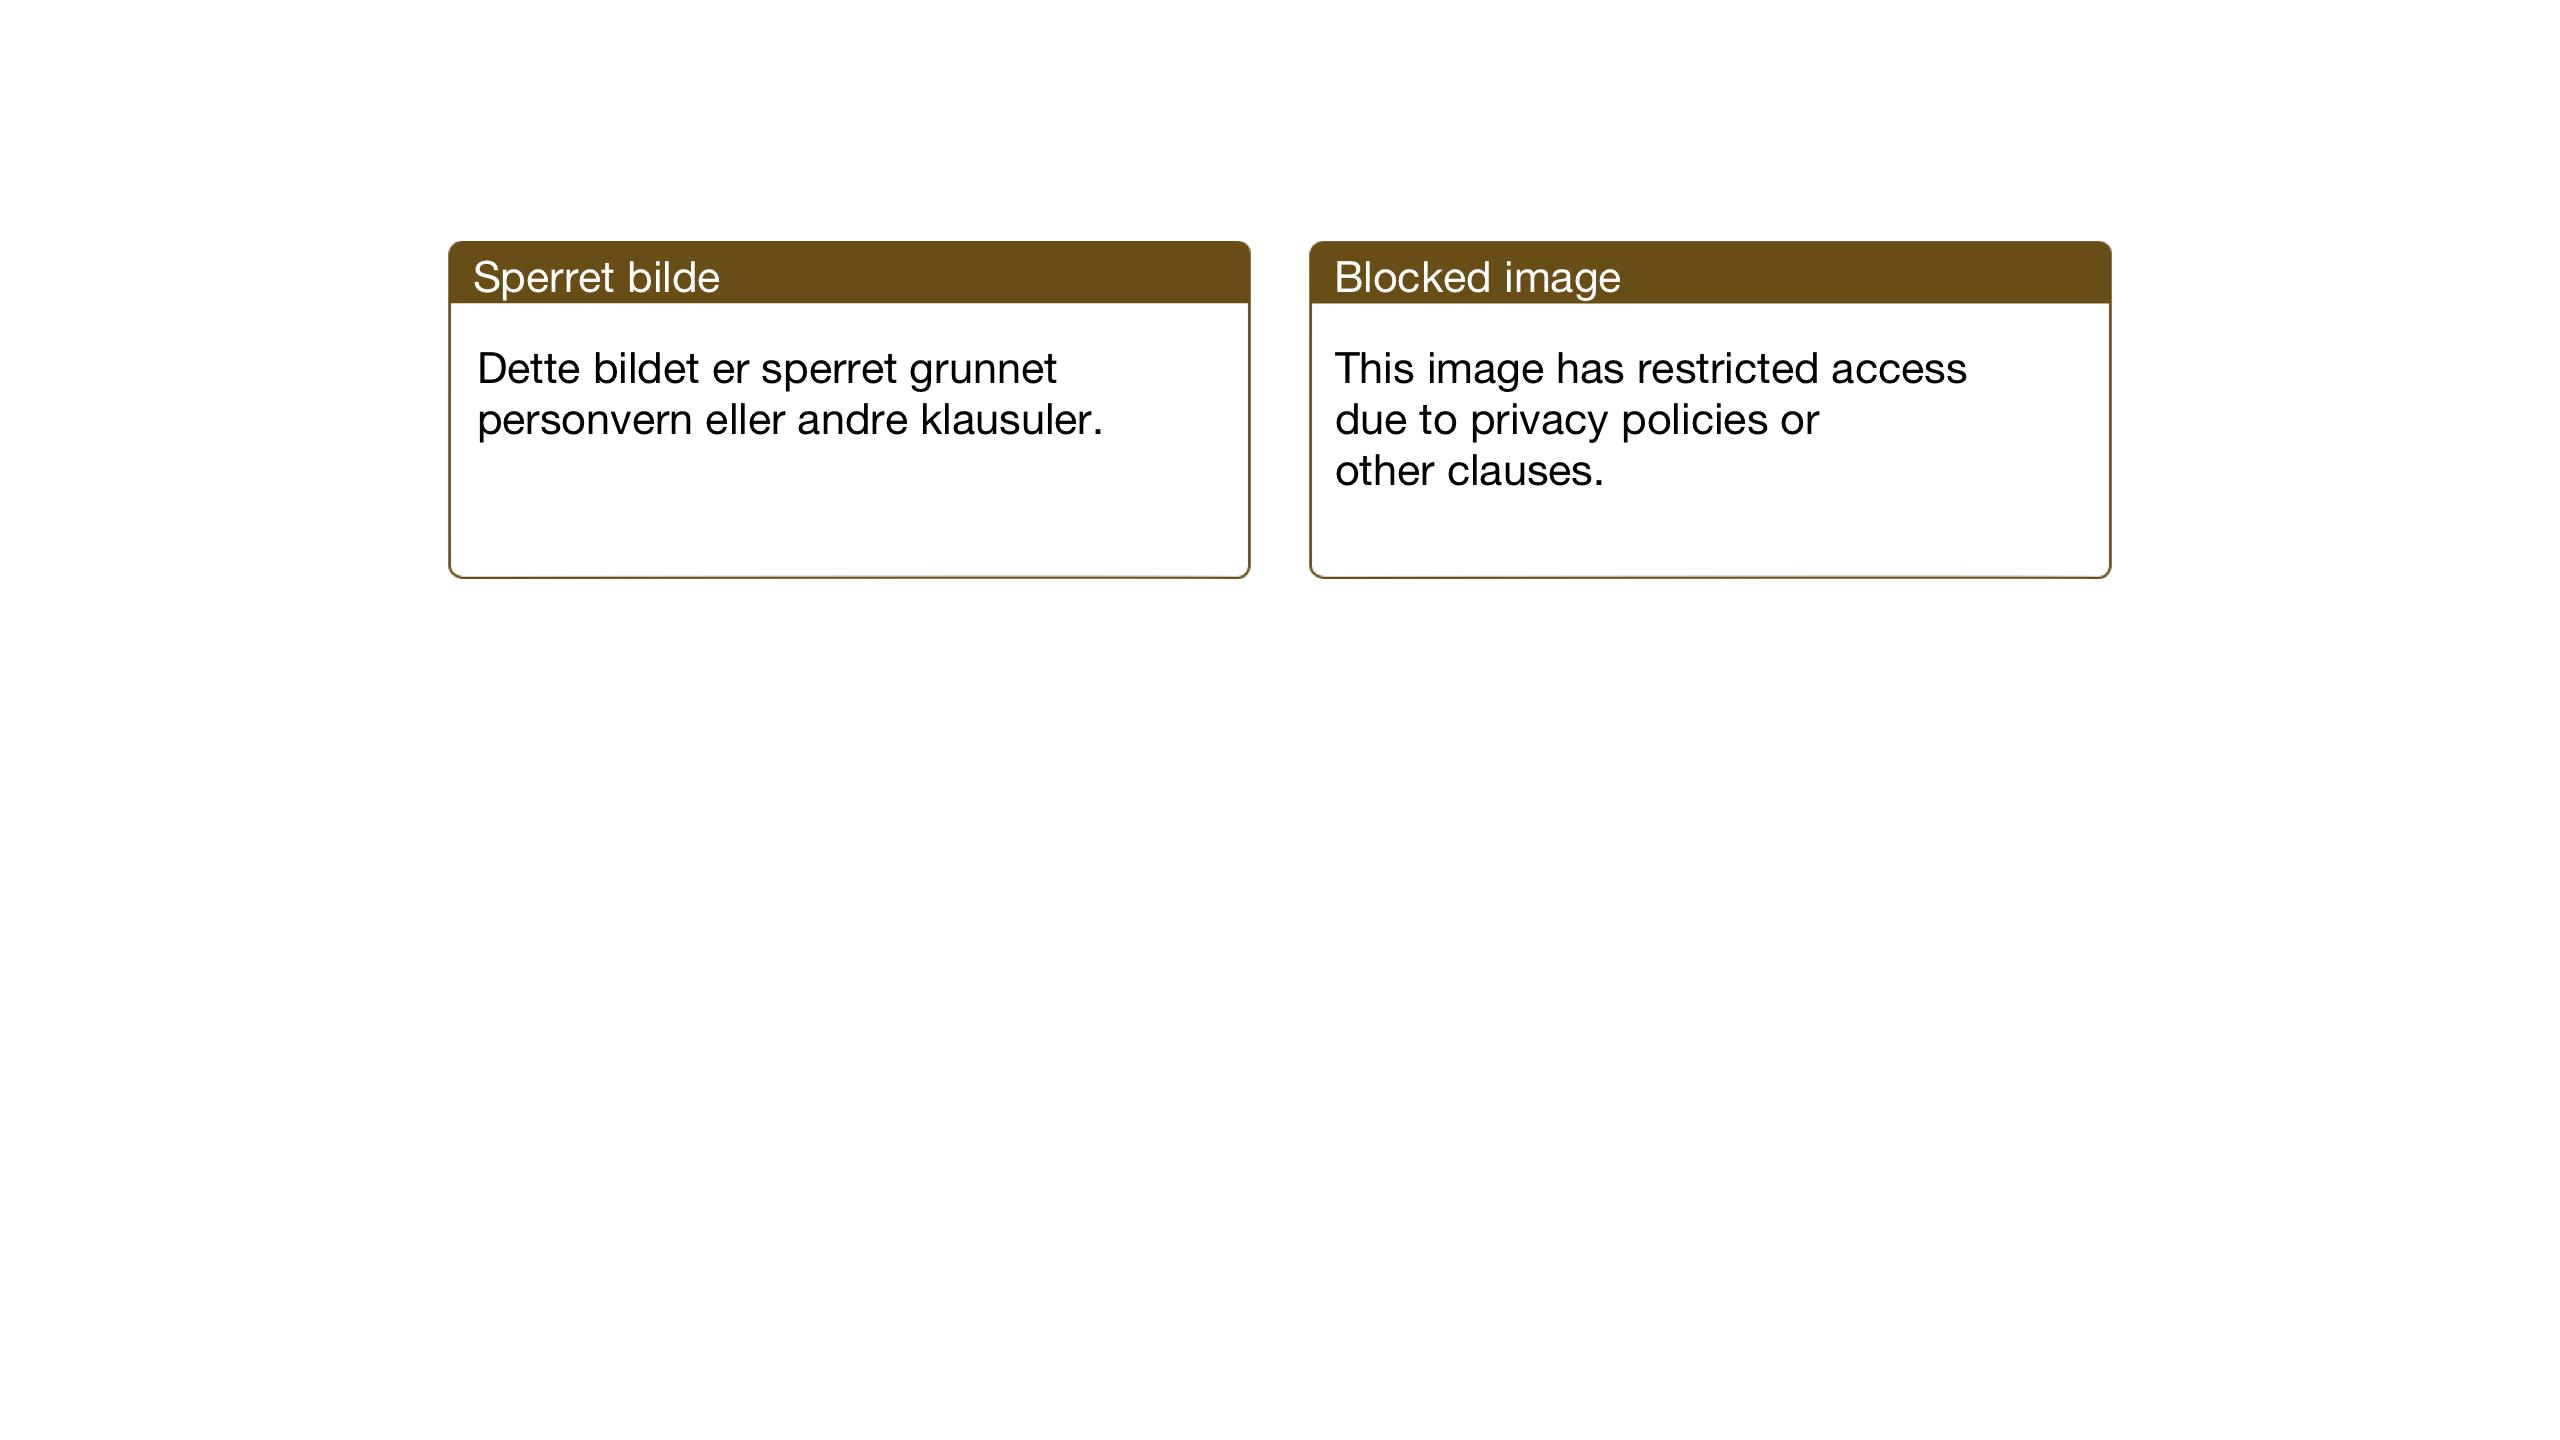 SAT, Ministerialprotokoller, klokkerbøker og fødselsregistre - Nord-Trøndelag, 749/L0481: Klokkerbok nr. 749C03, 1933-1945, s. 64